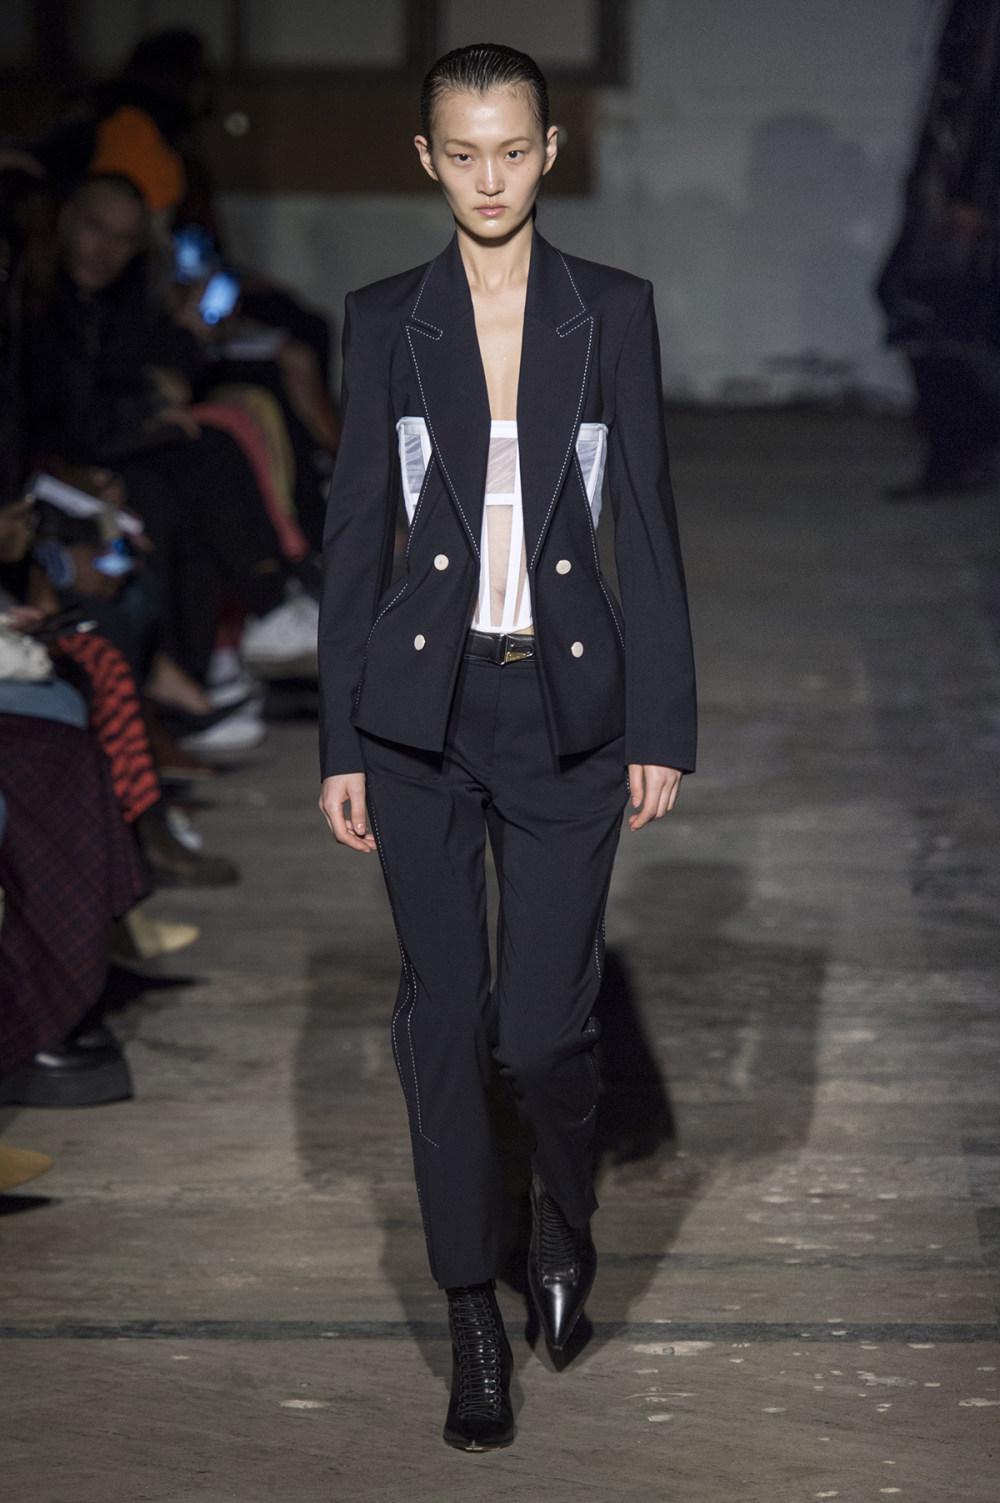 Dion Lee没有紧身衣的连衣裙被聚集或扭曲保持调色板的简约和奢华-4.jpg